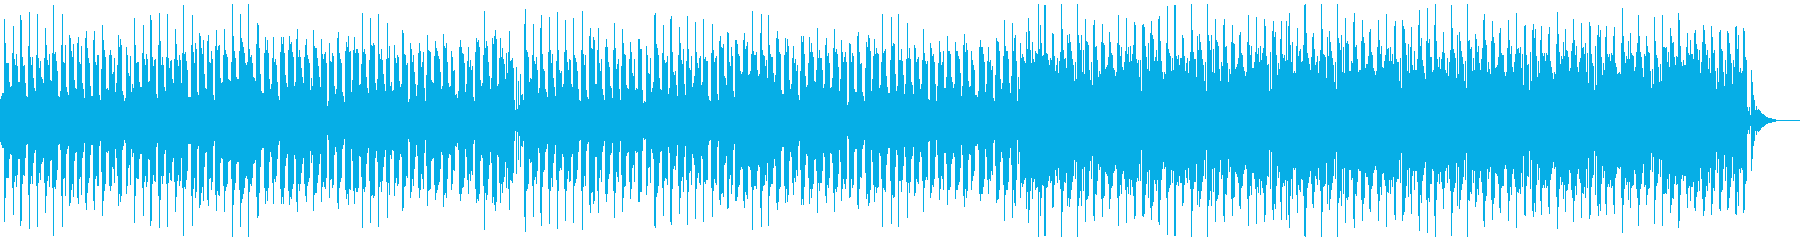 レトロゲーム風のかわいいBGMの再生済みの波形